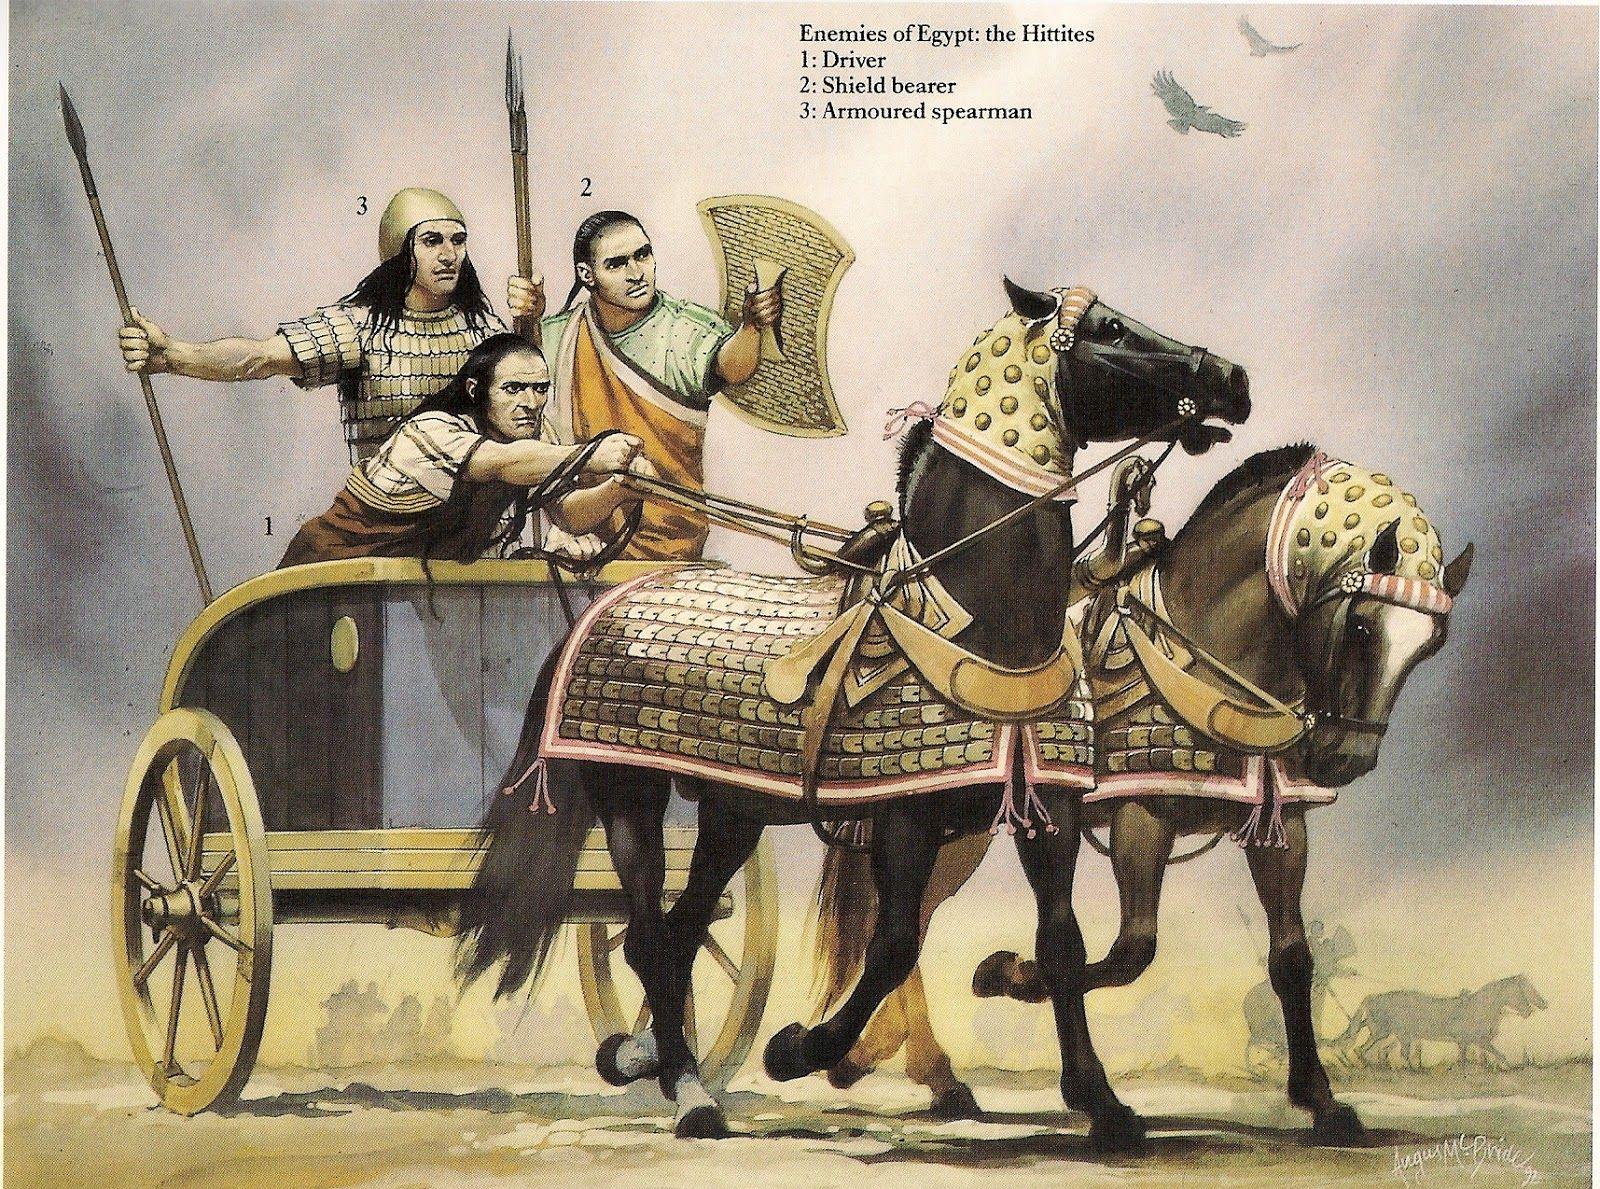 Bức tranh toàn cảnh về lịch sử đế chế Hittite